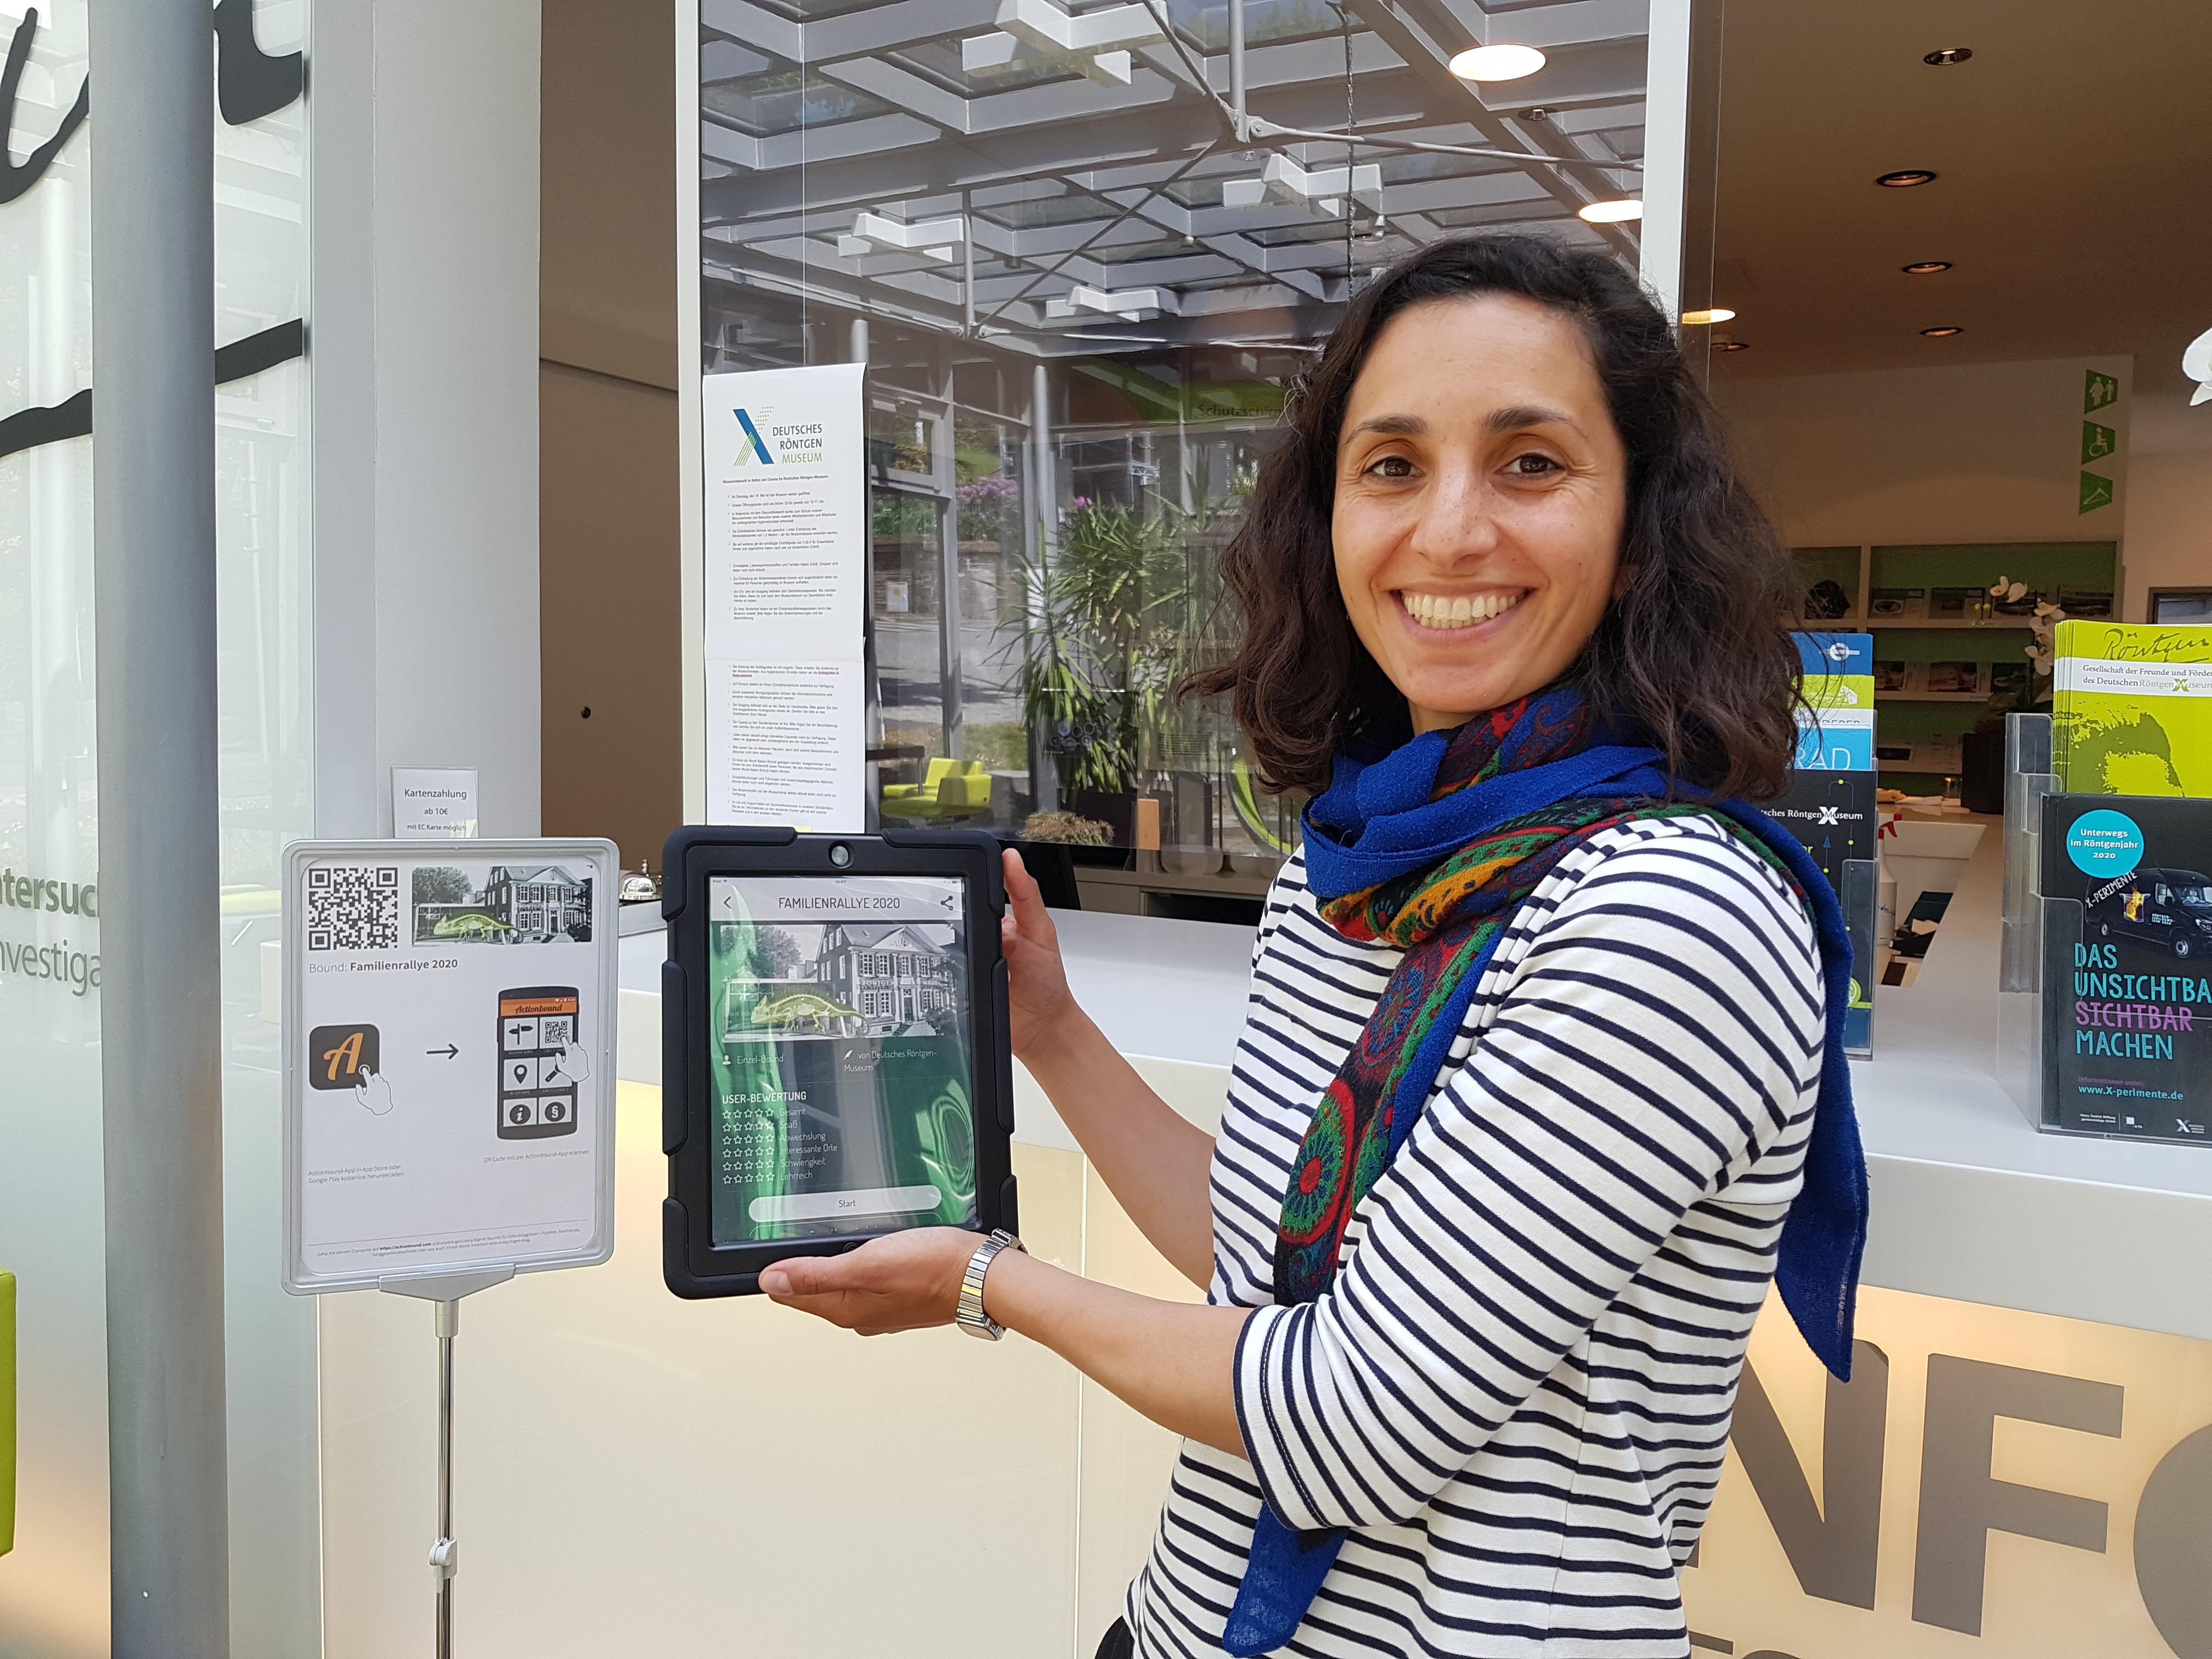 Frau mit Tablet in der Hand im Foyer des Röntgen Museums im Hintergrund ein Bild mit dem Actionbound Logo